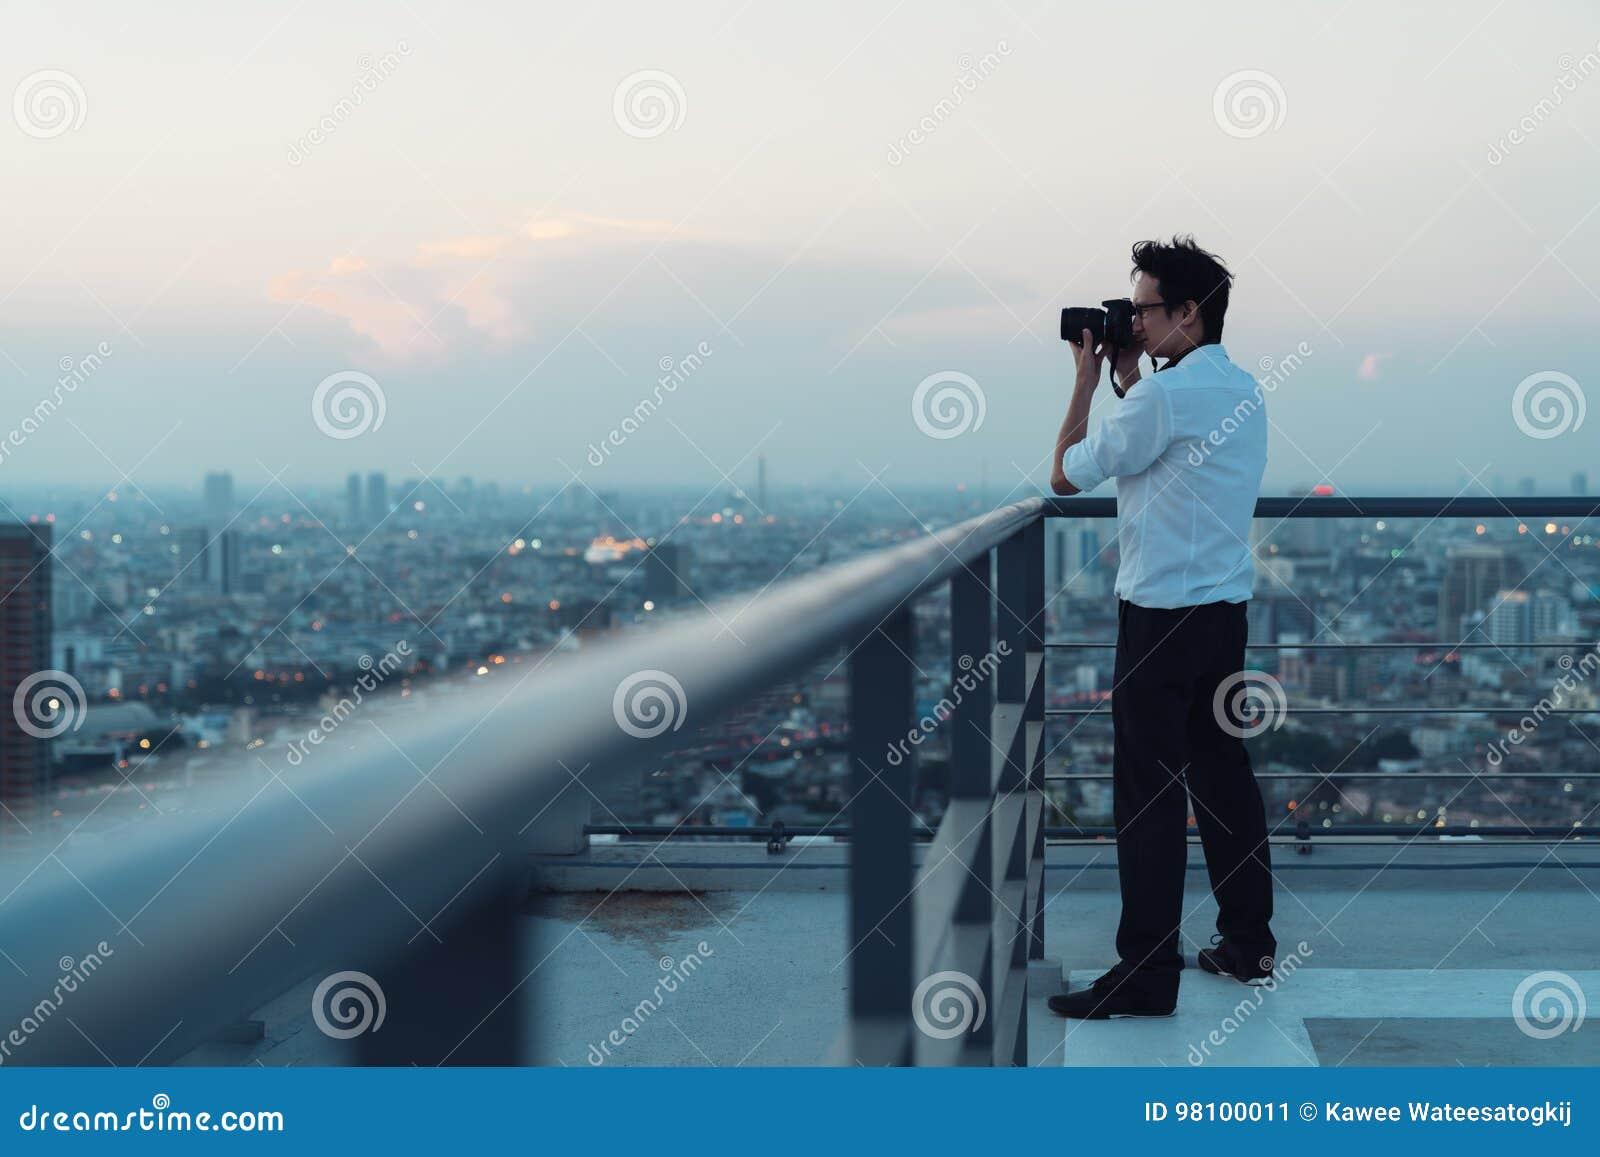 Azjatycki mężczyzna bierze pejzaż miejski fotografię na budynku dachu w niskiego światła sytuaci Fotografia, biurowi ludzie lub h